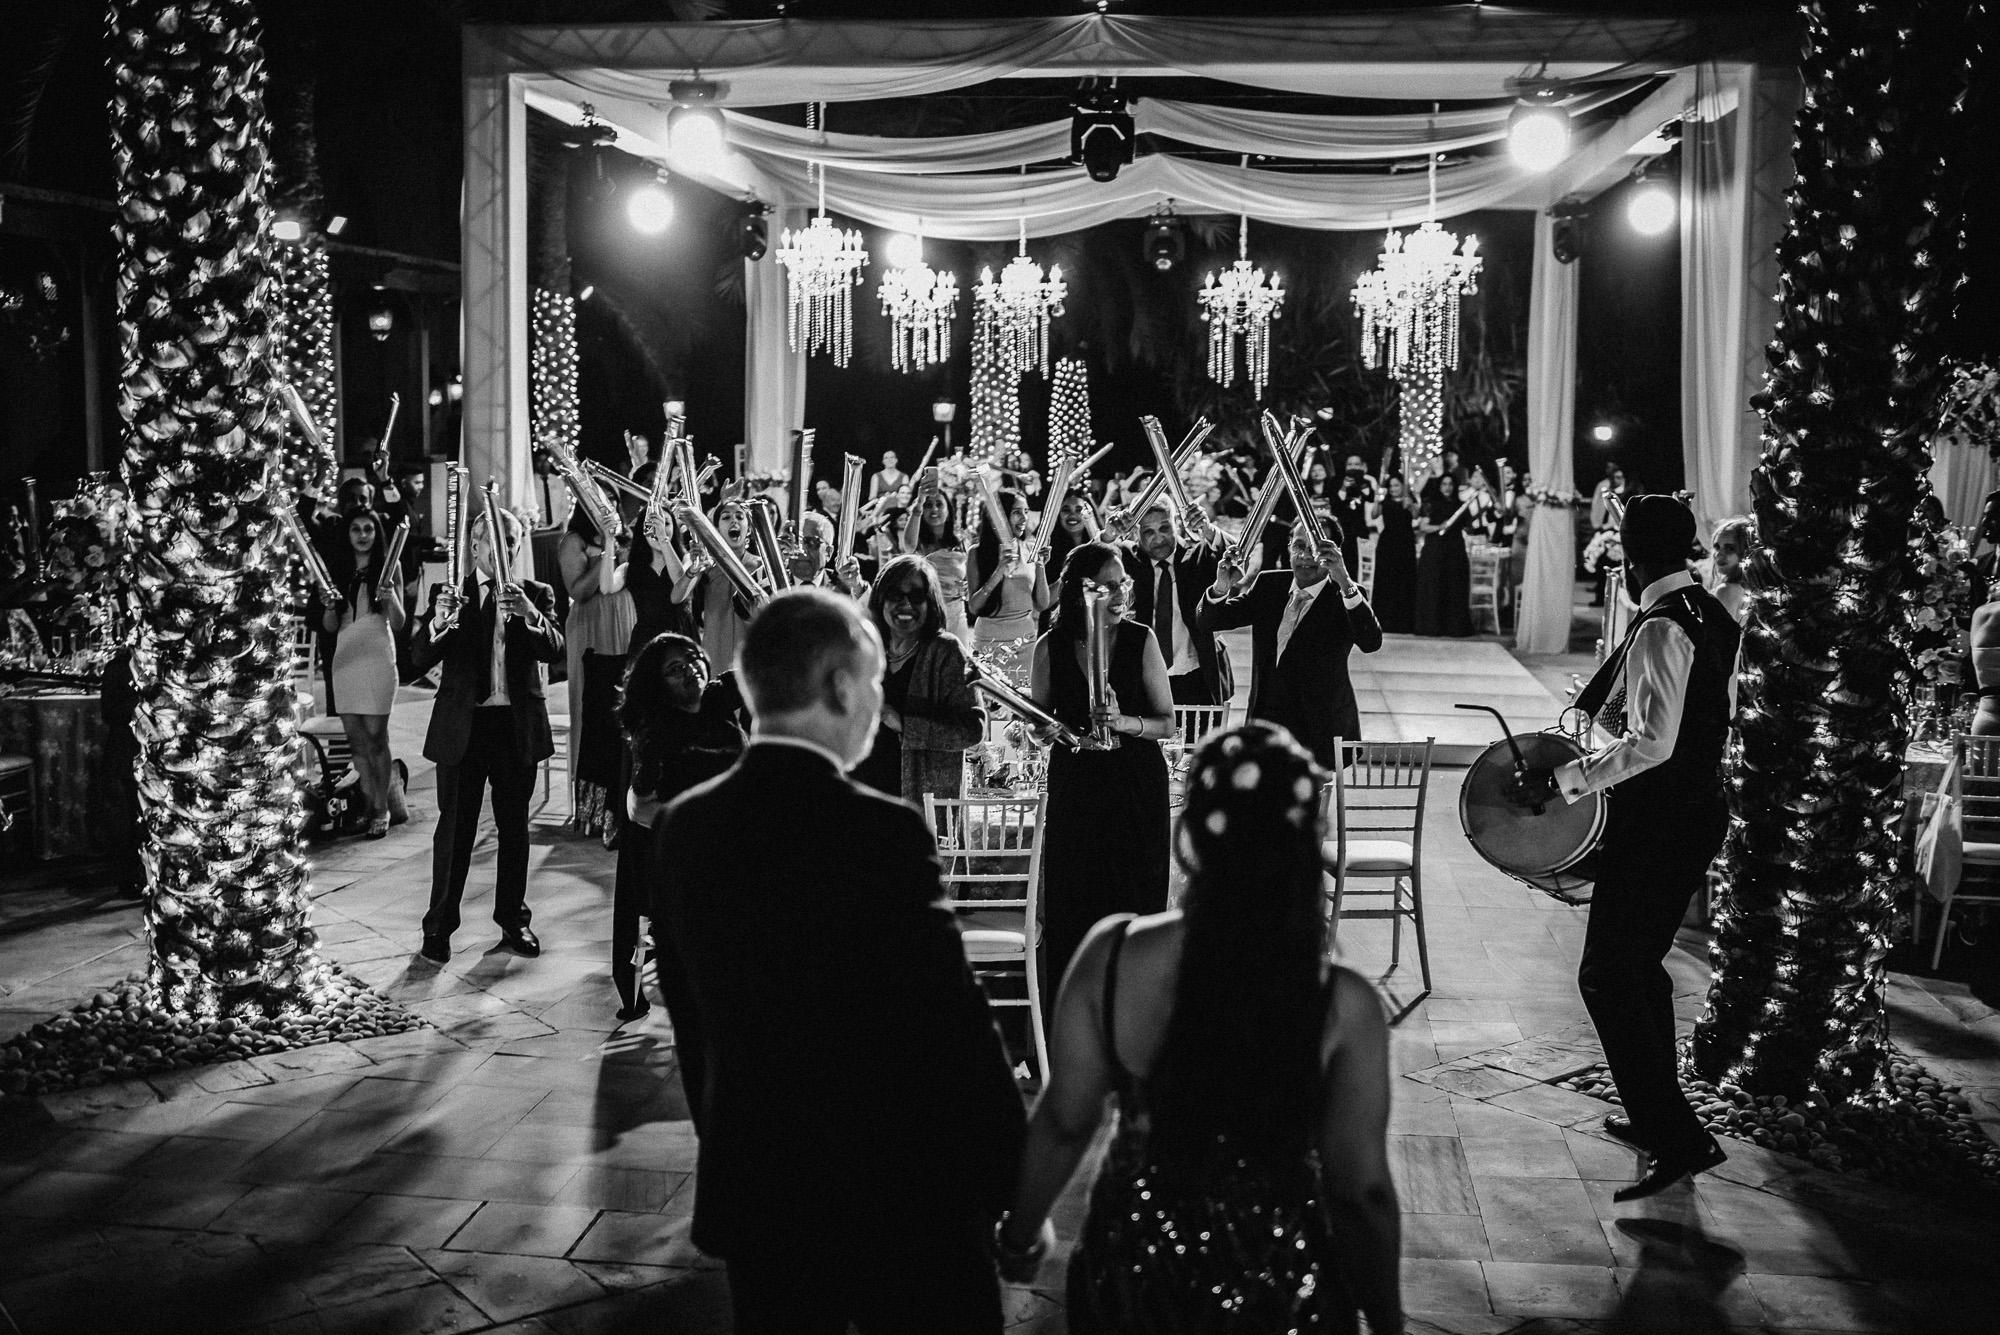 madinat jumeirah dubai wedding photographer  destination wedding photography (34 of 52).jpg